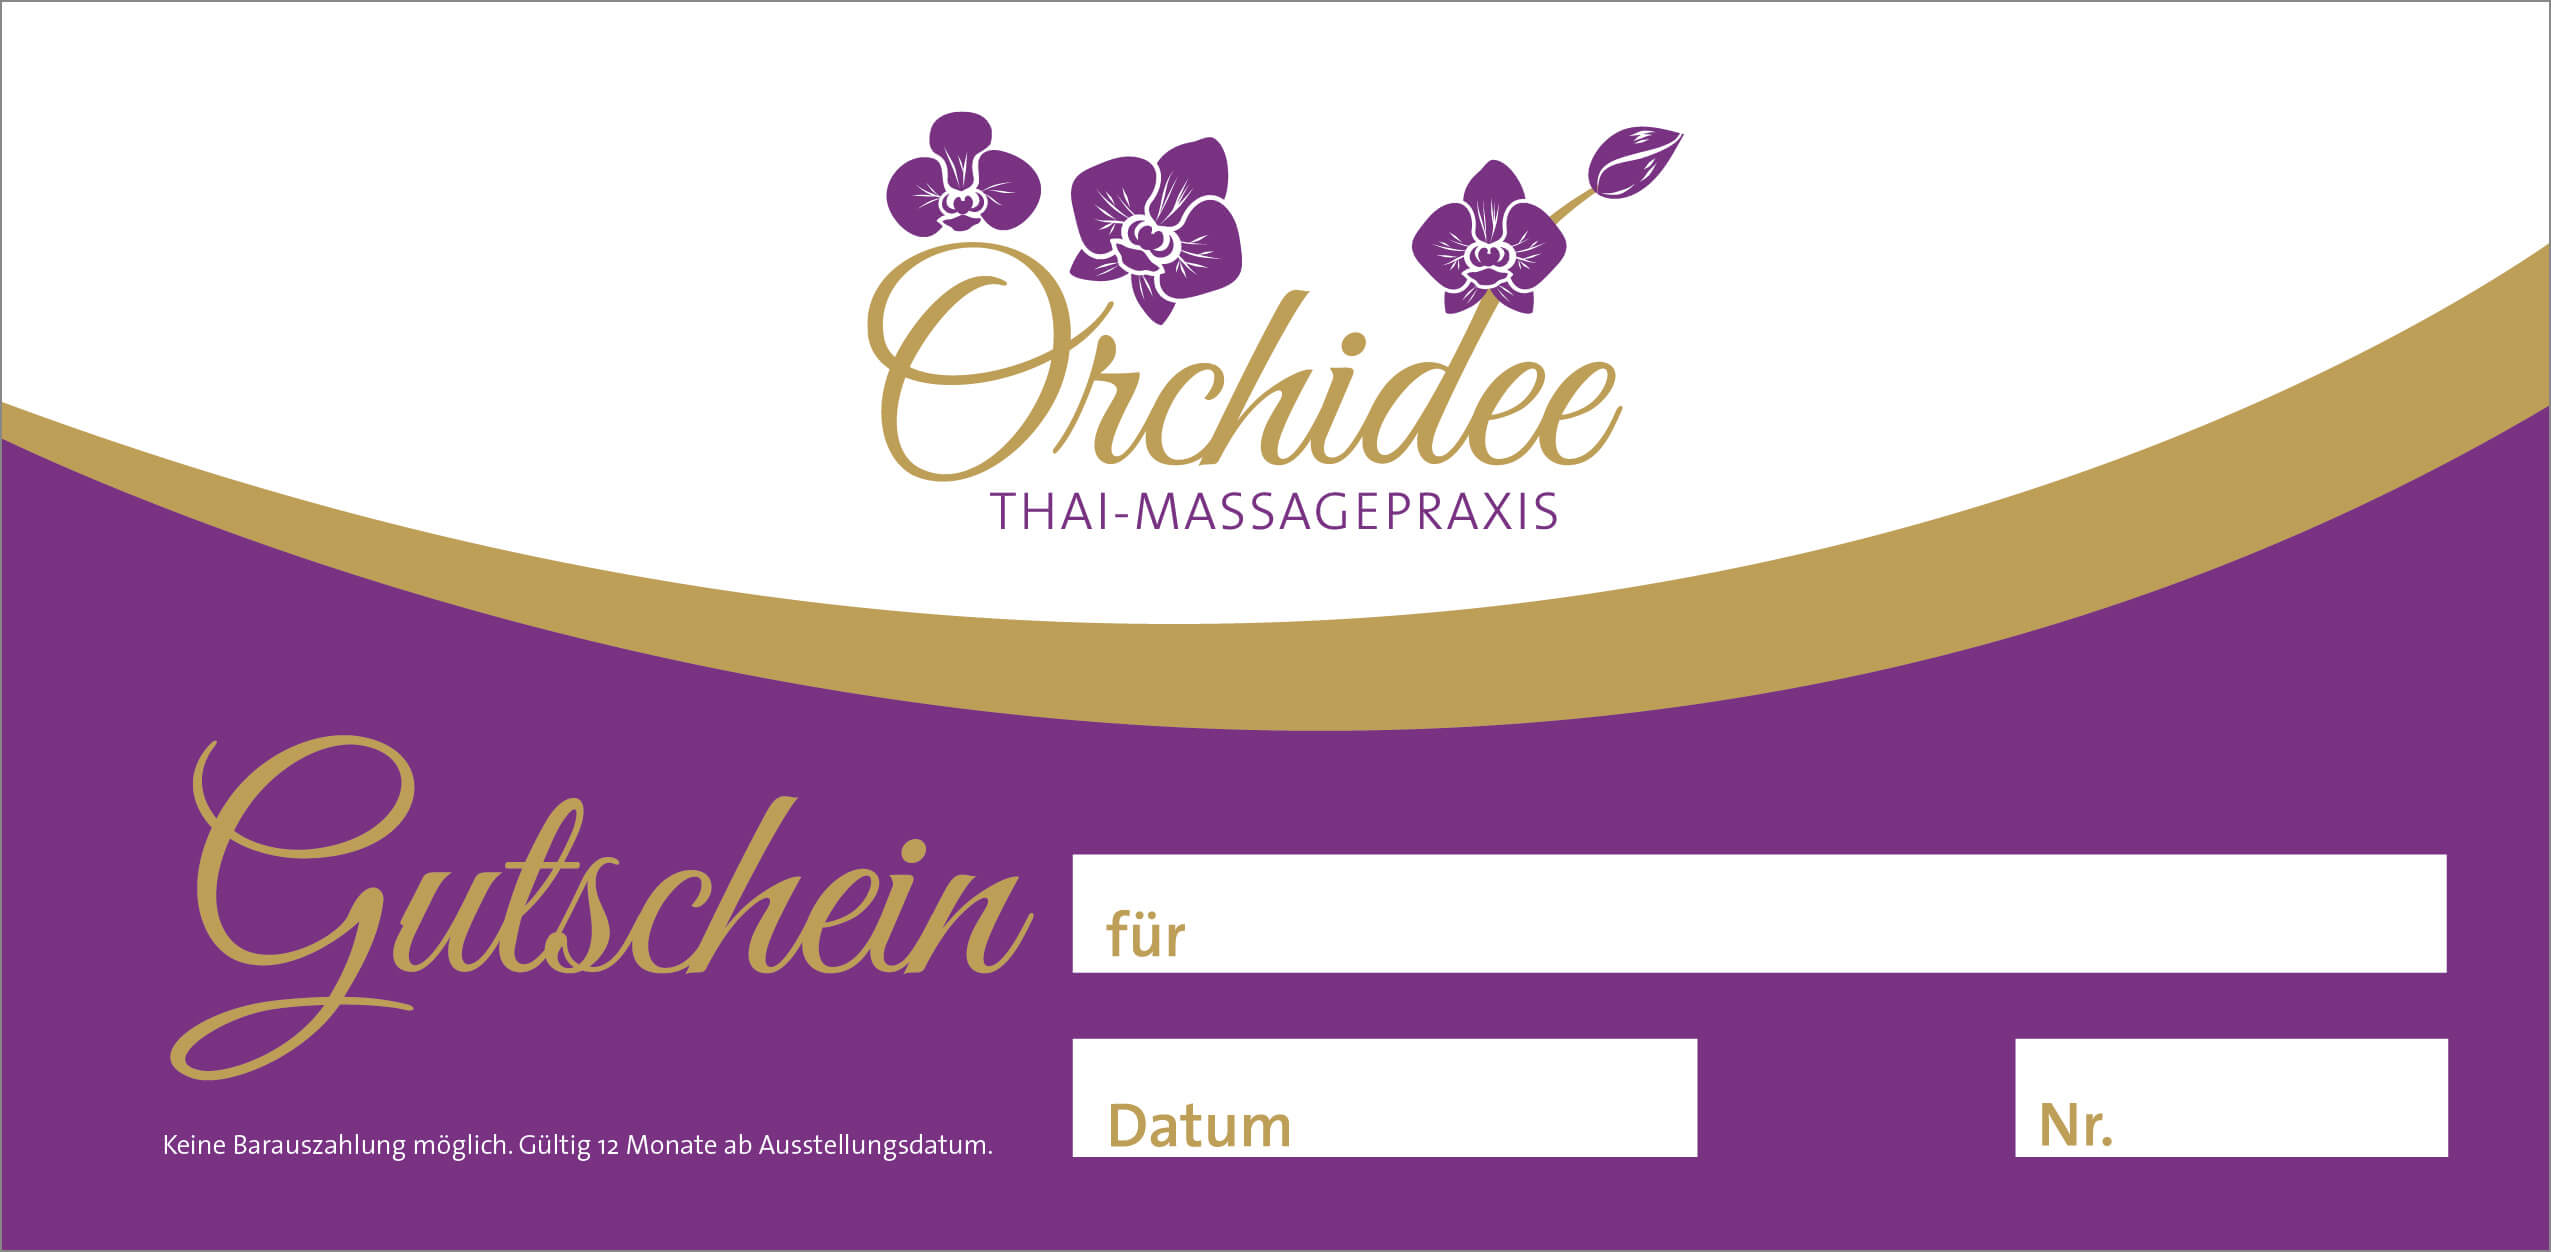 Gutschein-Orchidee_LAY3_Goldfolie_überdruckt_VS